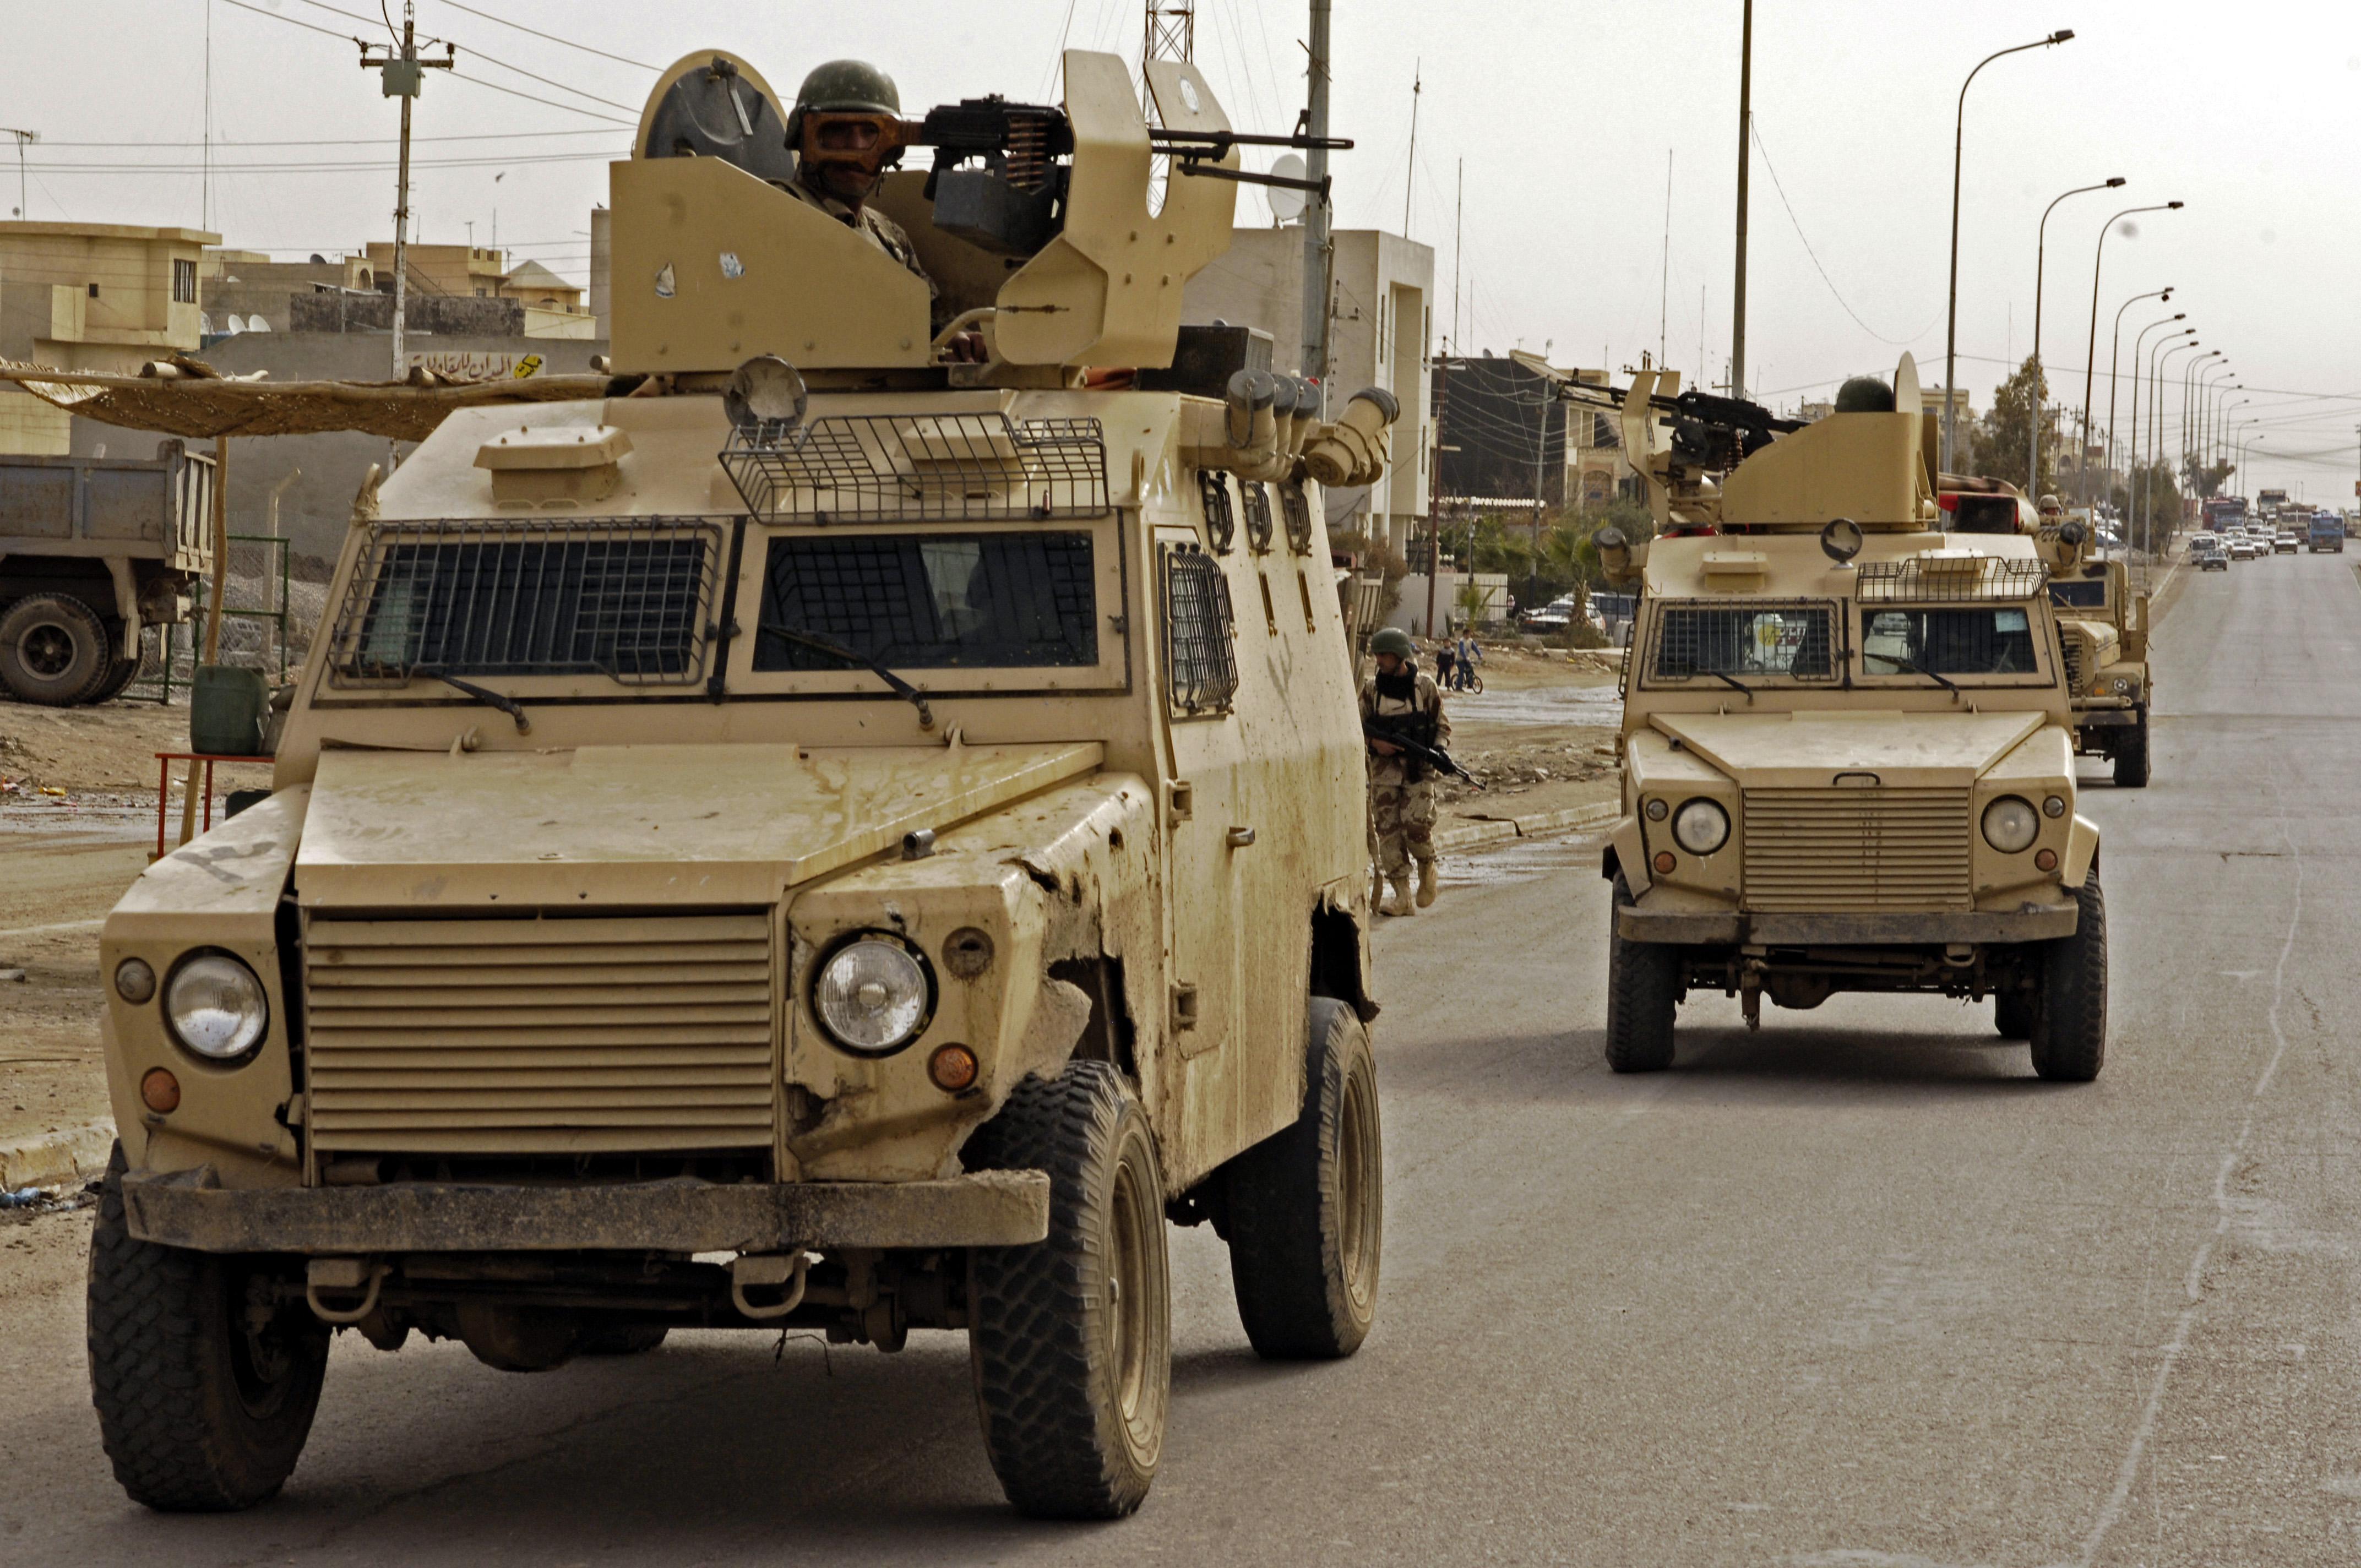 Mosul patrol